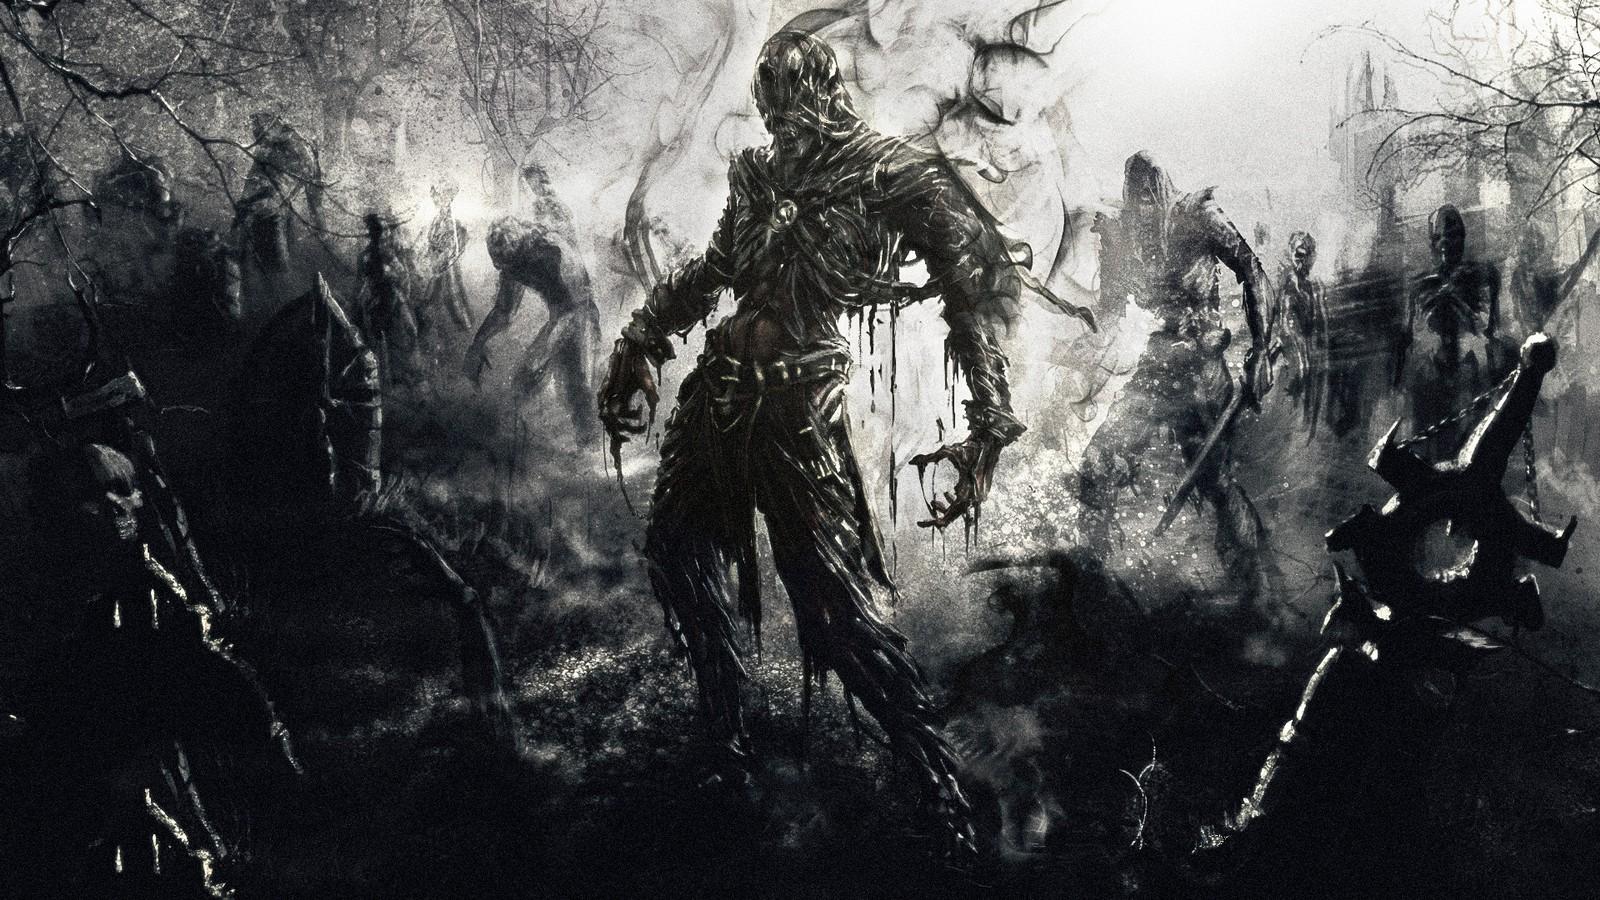 Most Inspiring Wallpaper High Quality Horror - Game-Horror-Scene-Hd-Desktop-Wallpaper  Pictures_375745.jpg